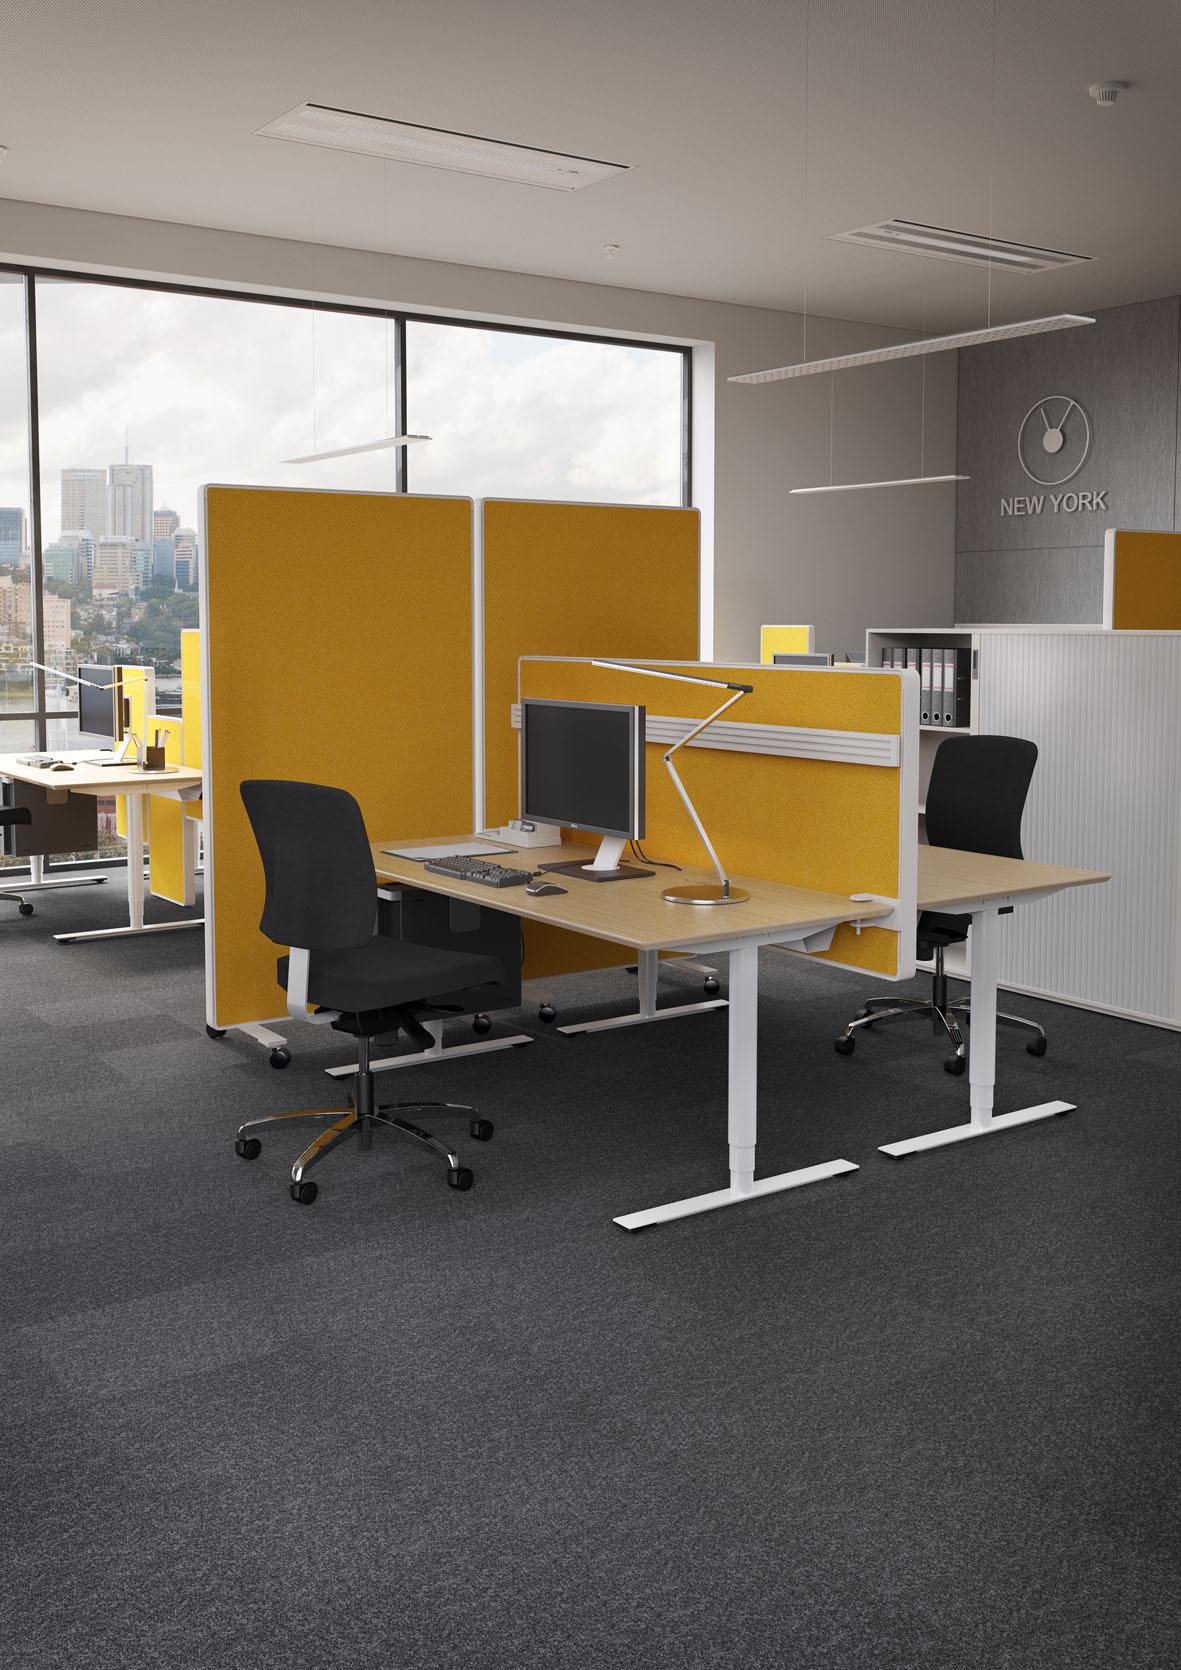 Amazing Moderne Interieur Bürogestaltung Crest - Wohndesign Bilder ...